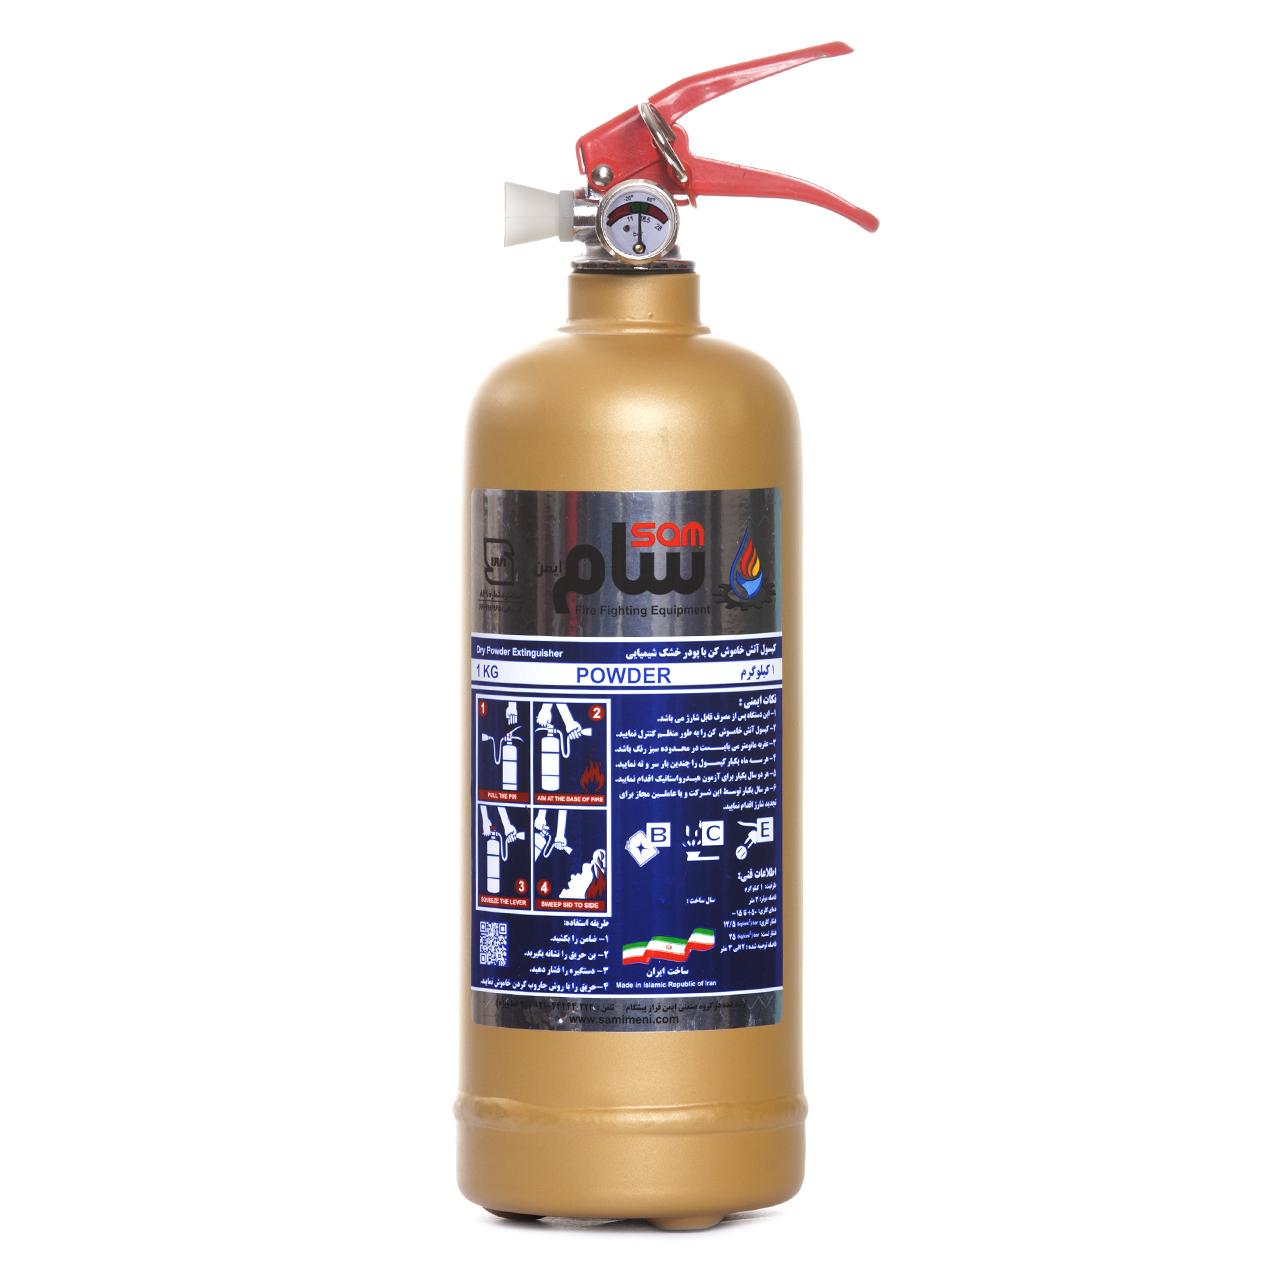 کپسول آتش نشانی پودر و گاز سام 1 کیلوگرم